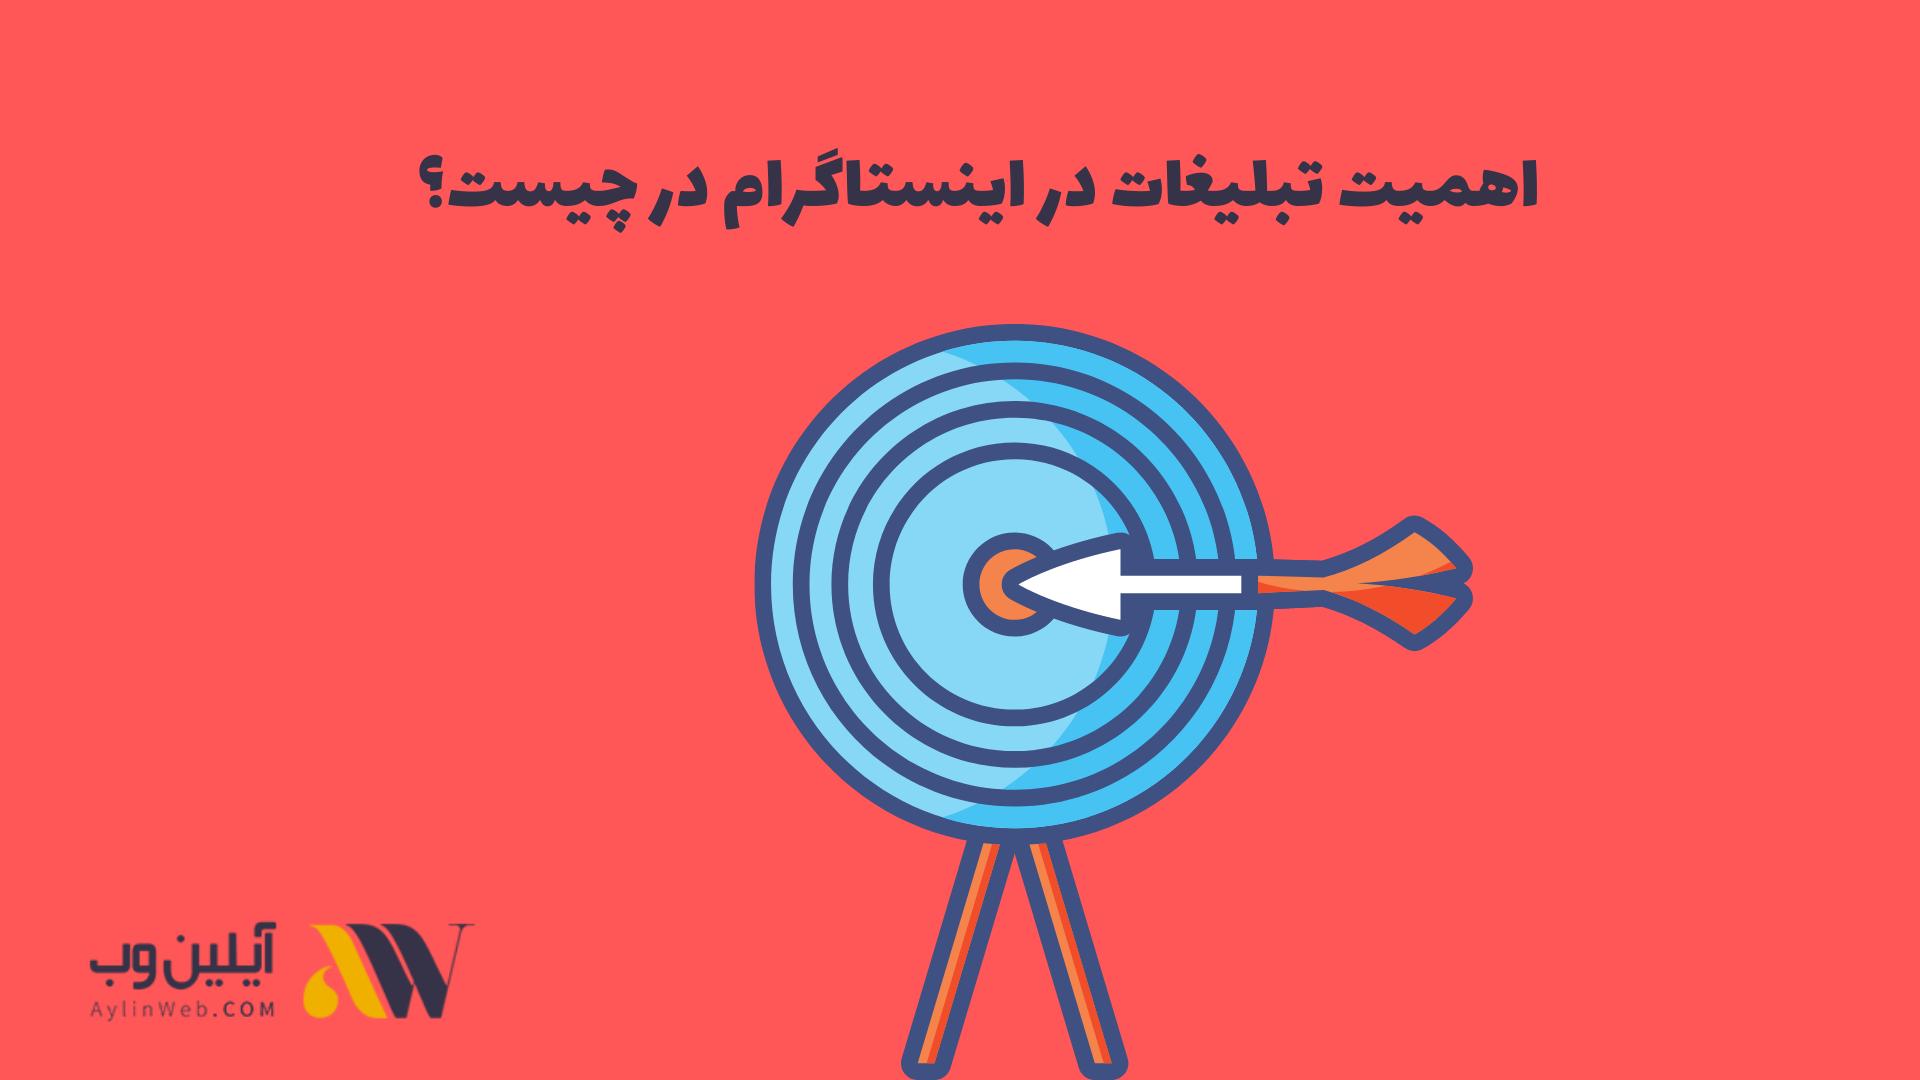 اهمیت تبلیغات در اینستاگرام در چیست؟